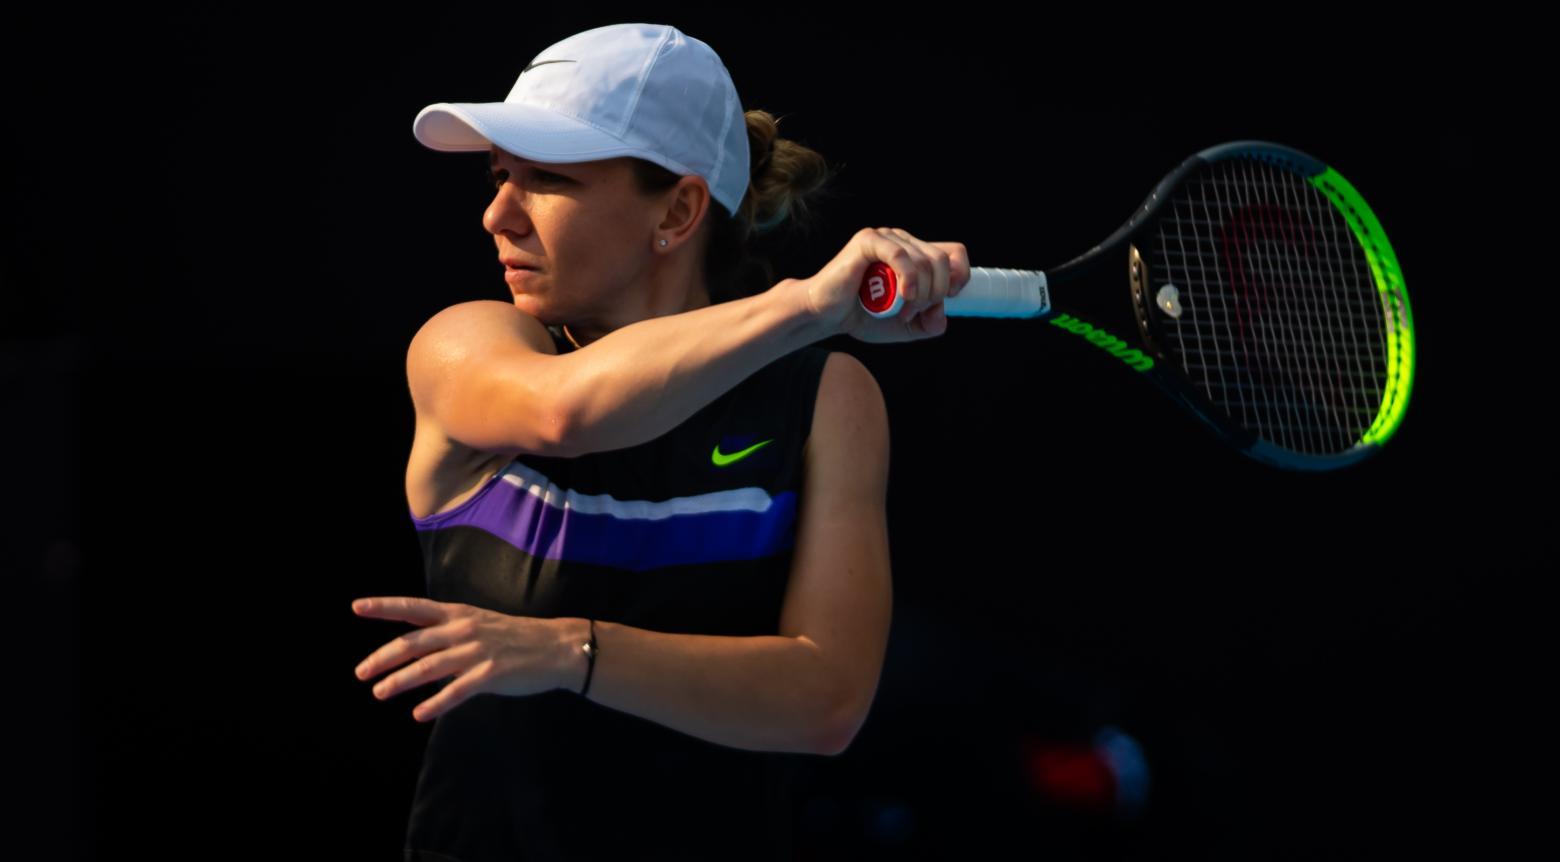 Simona Halep em jogo contra a sueca Rebecca Peterson no WTA Premier Mandatory de Pequim